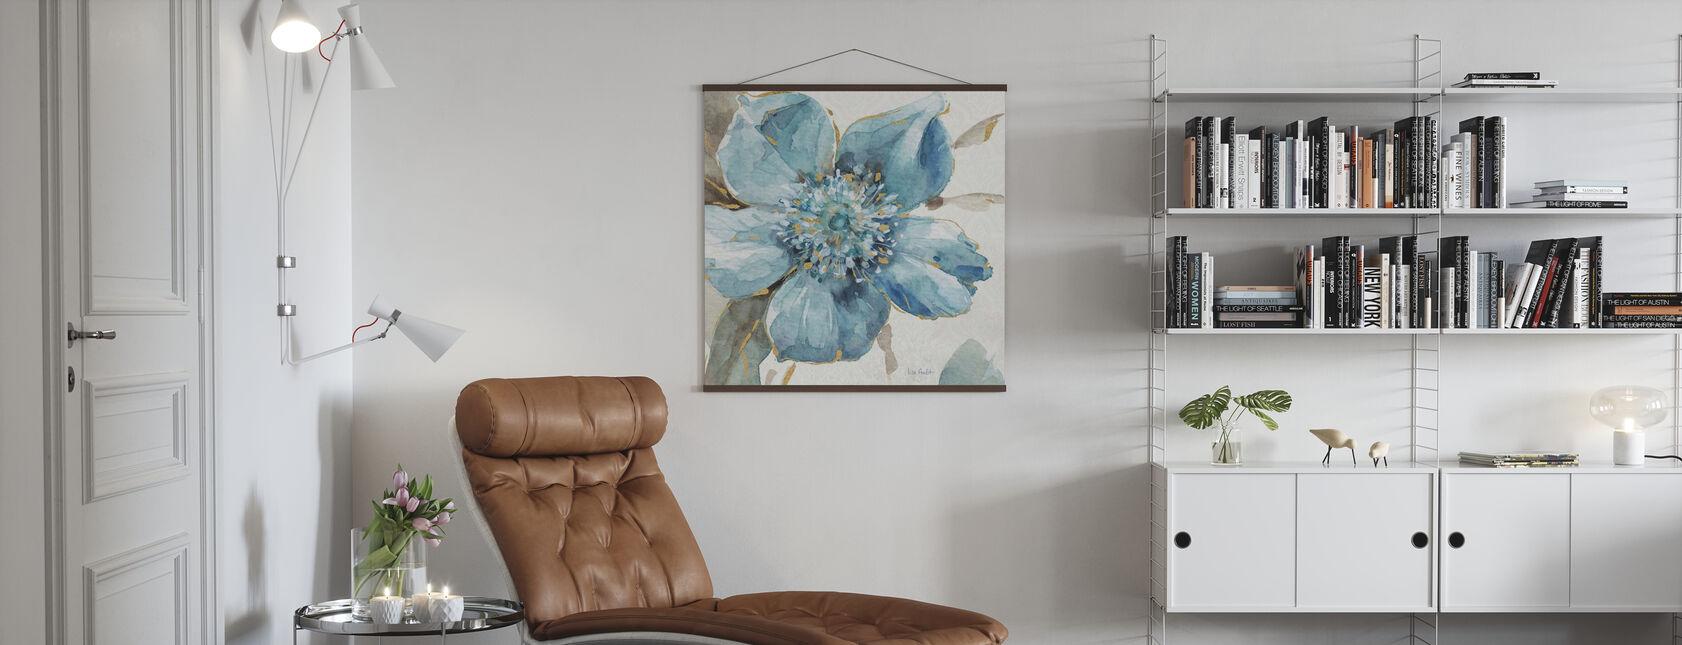 Indigold Floral 2 - Poster - Living Room